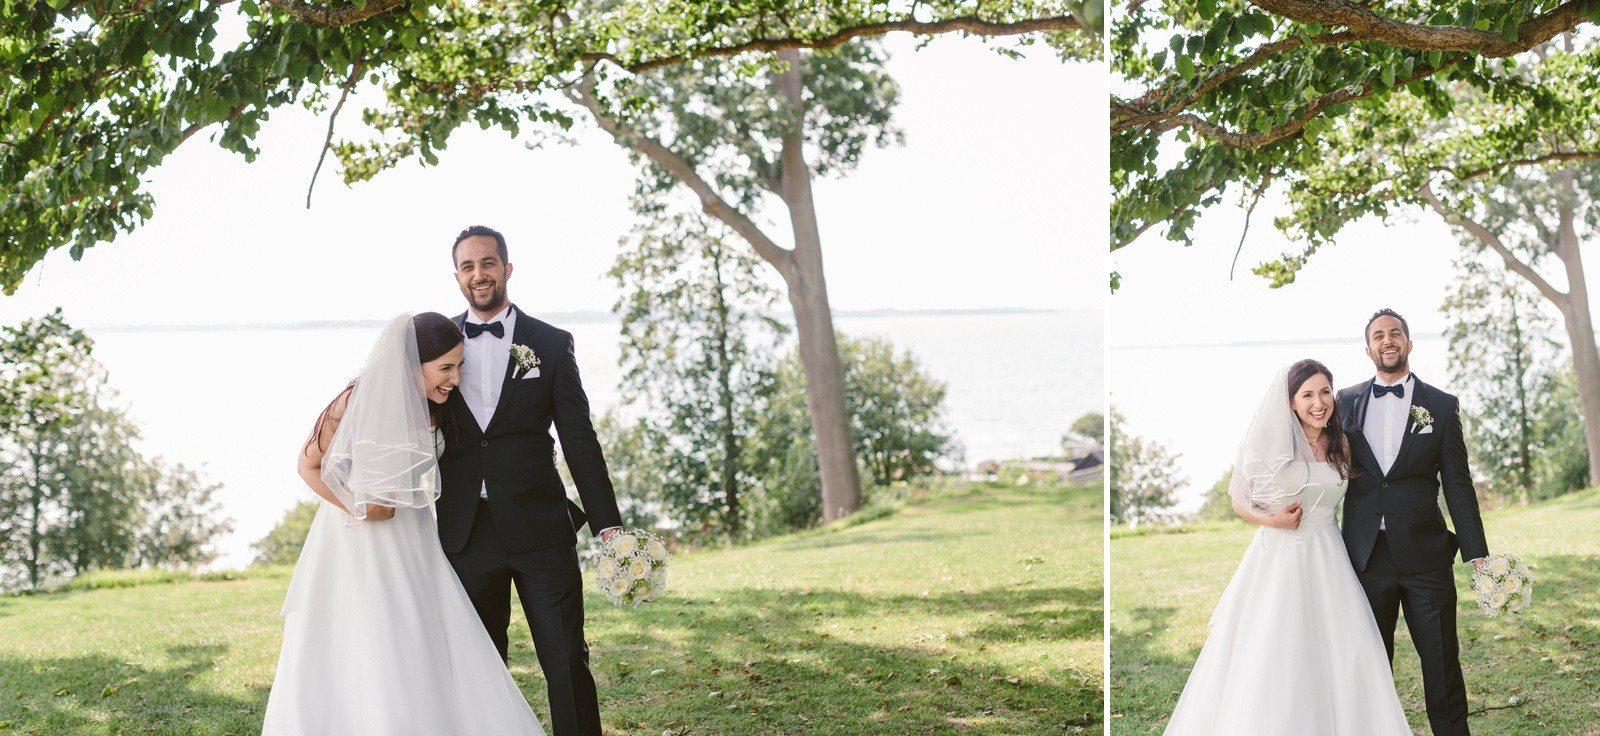 Bröllop Sverige